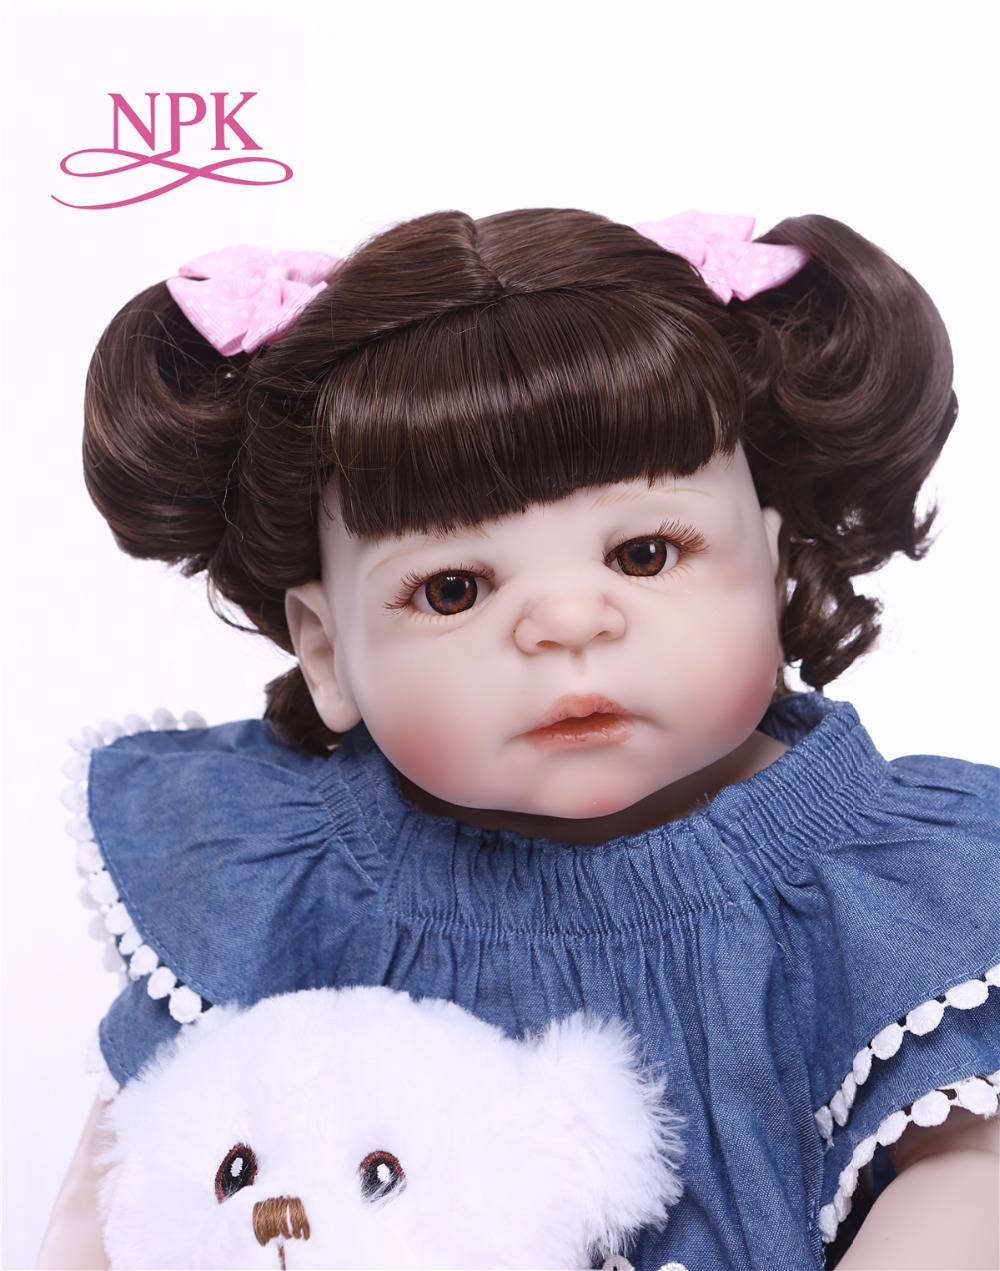 NPK 57 cm Del Silicone Pieno Del Bambino Bambola Fatta A Mano Neonati Rinato Realistico giocattoli della ragazza Per I Bambini Di Natale o Regalo Di Compleanno-in Bambole da Giocattoli e hobby su  Gruppo 3